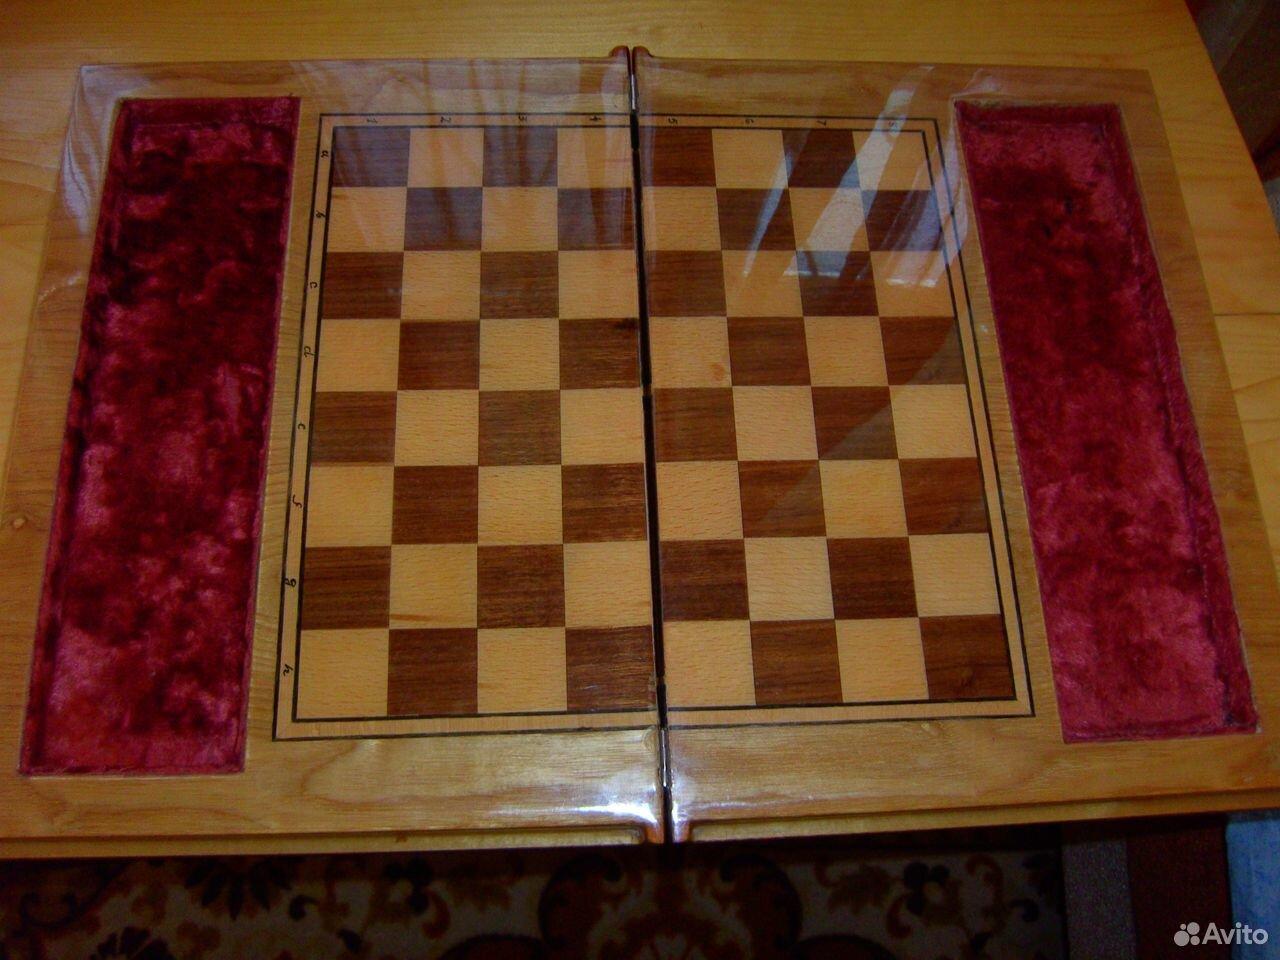 Шахматная доска  89519592425 купить 2